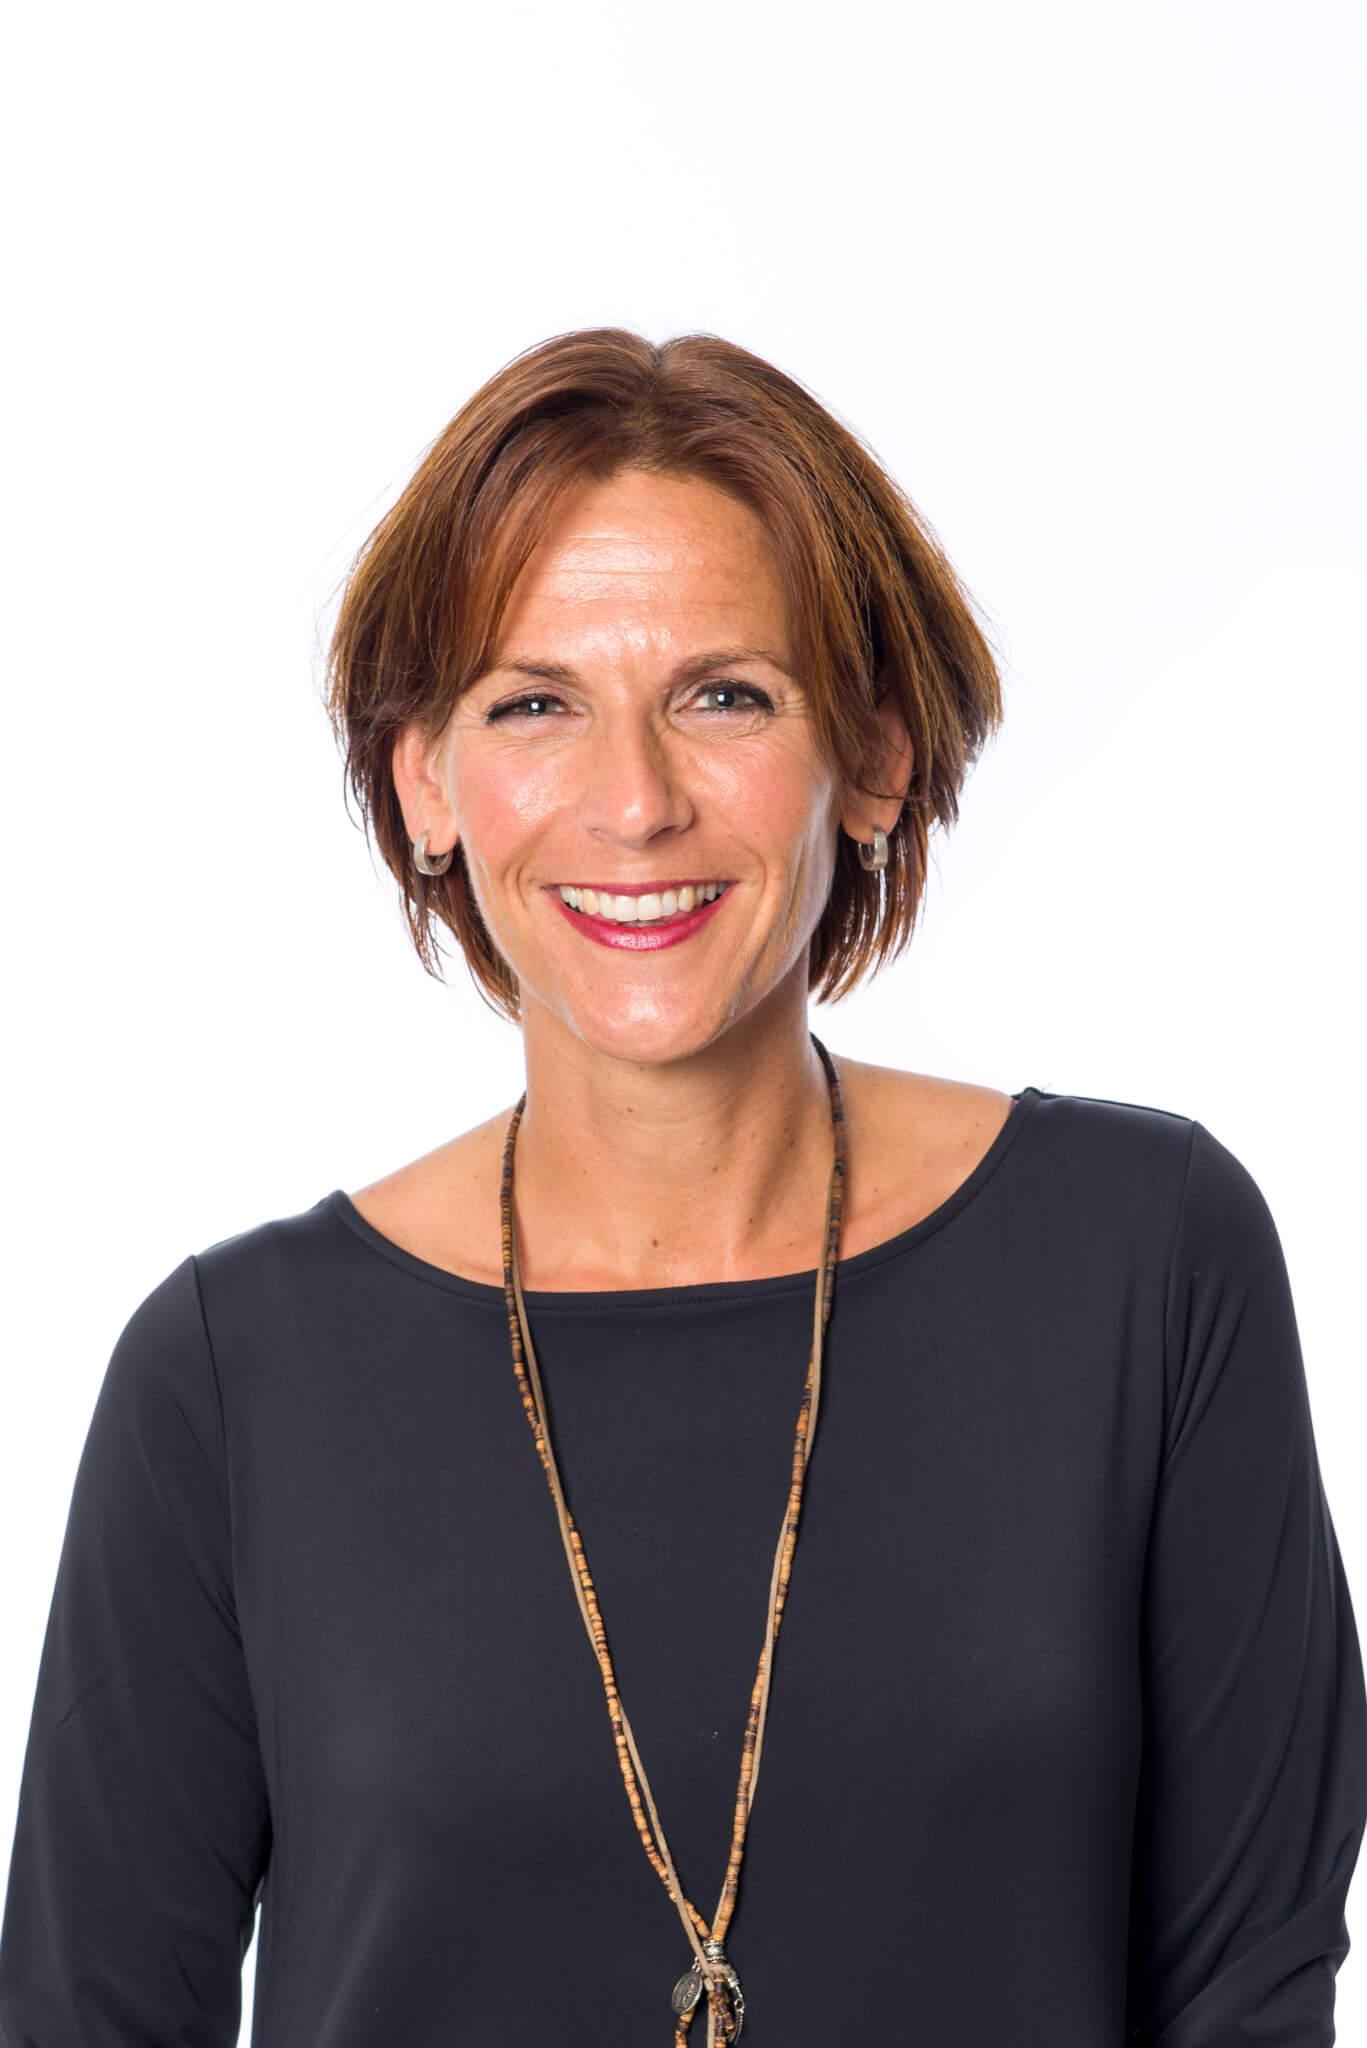 Ellen Jalink